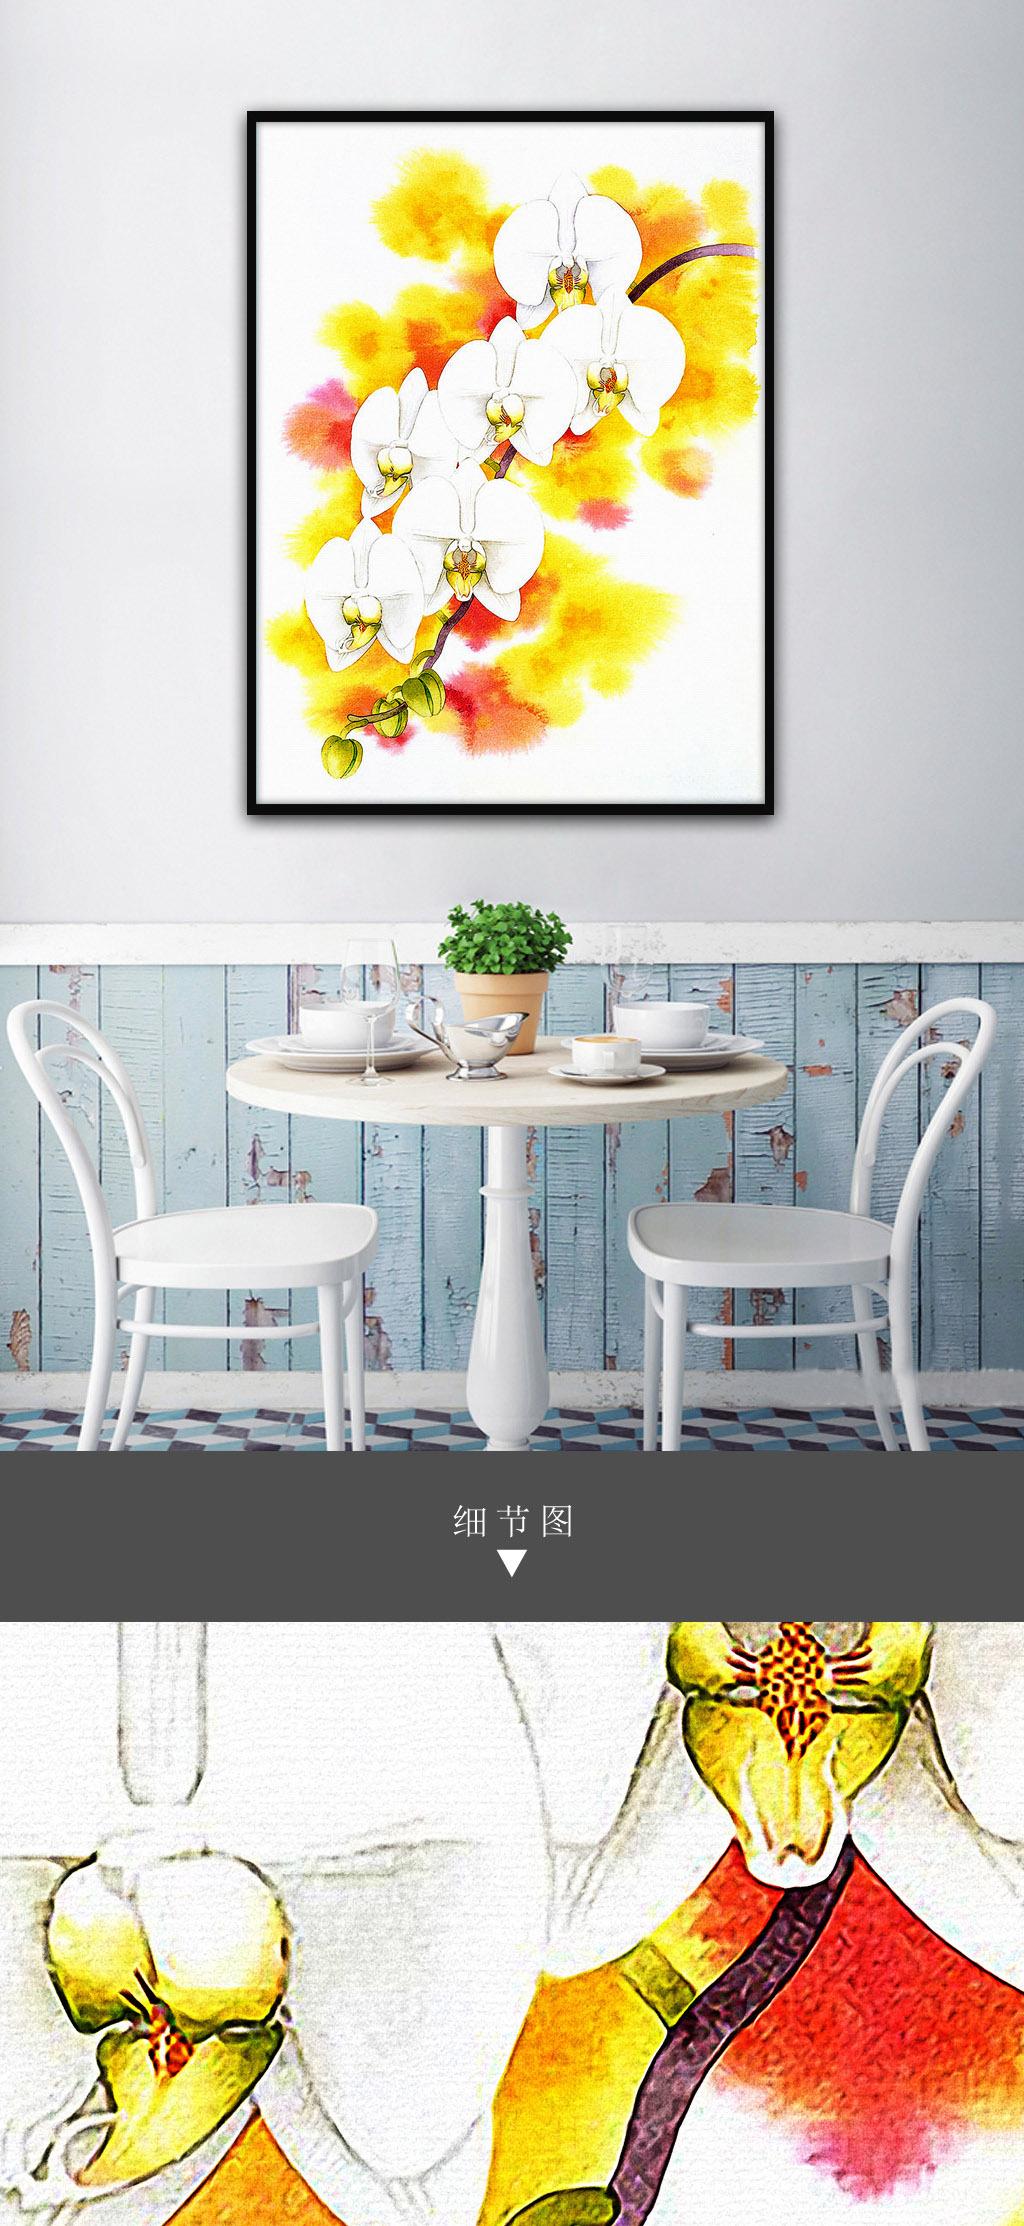 白色蝴蝶兰清新唯美手绘水彩现代家居.